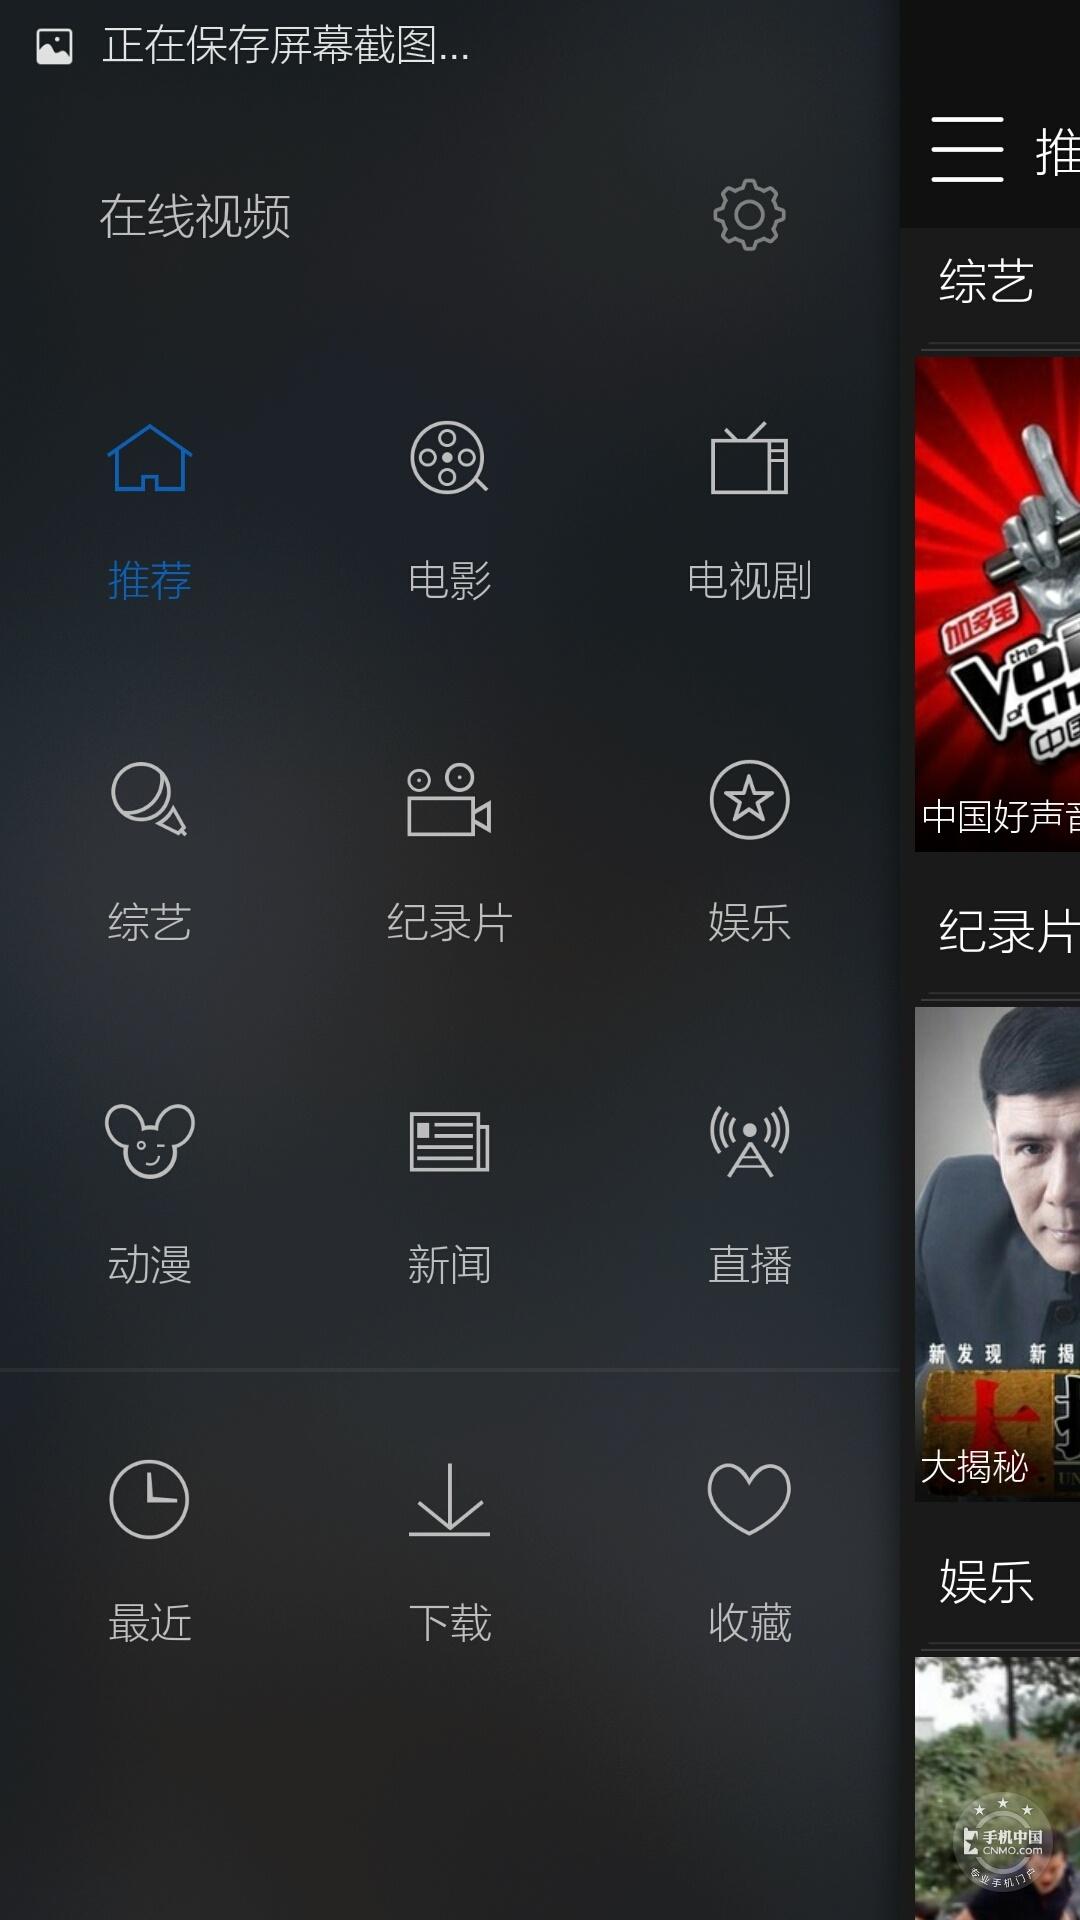 联想VIBEX2(联通4G)手机功能界面第7张